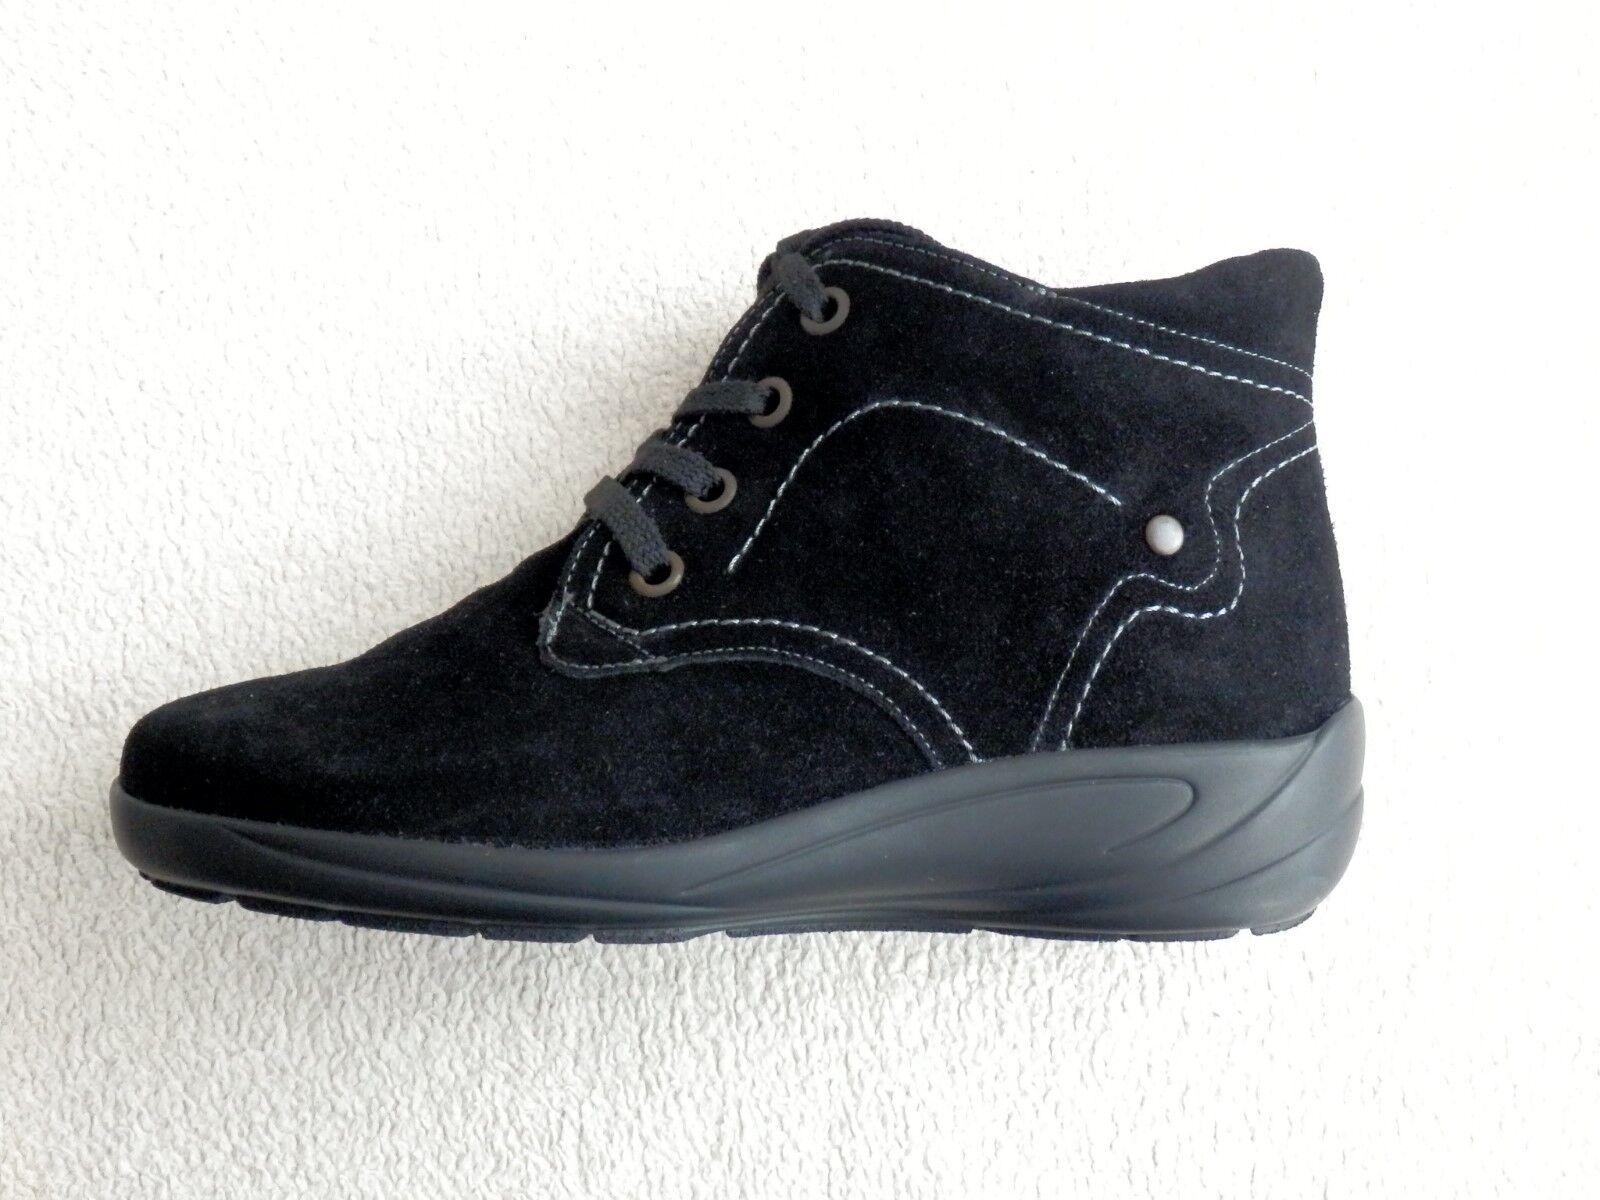 Semler Birgit brevemente caña botas botín negro Gr. 33 33 33 38 39 41 ancho H  tiempo libre